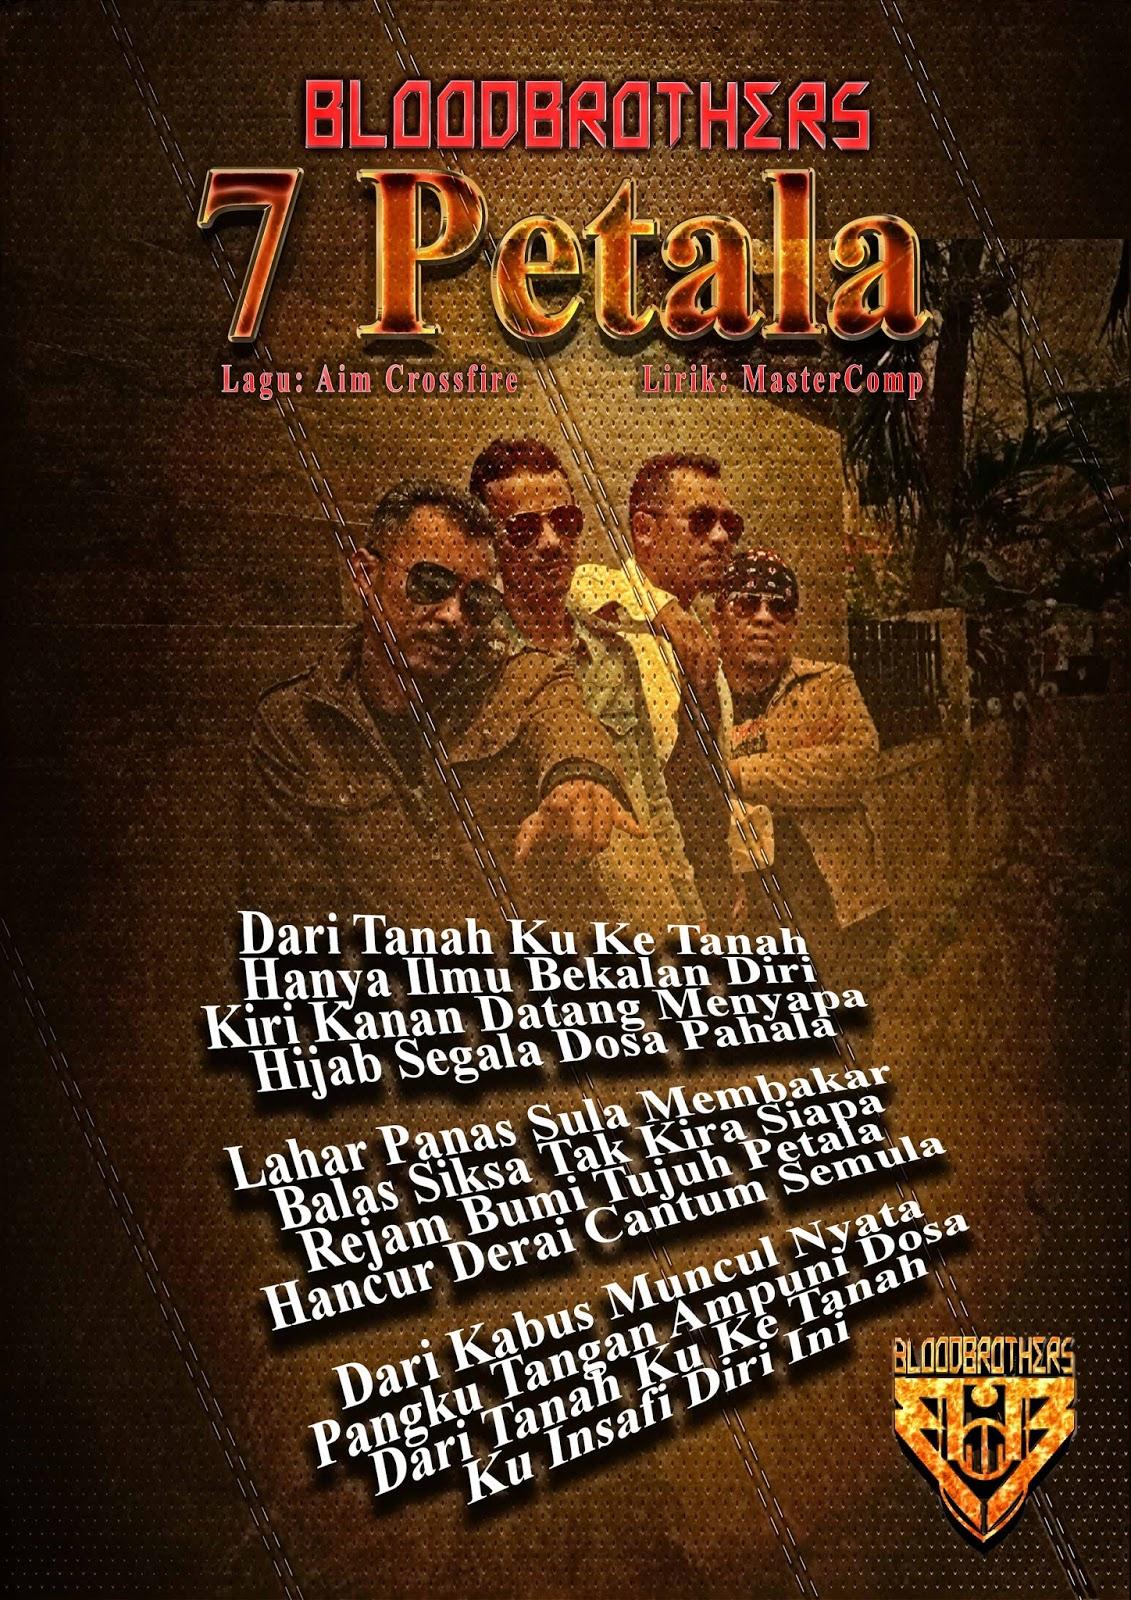 Lirik Bloodbrothers - Tujuh Petala